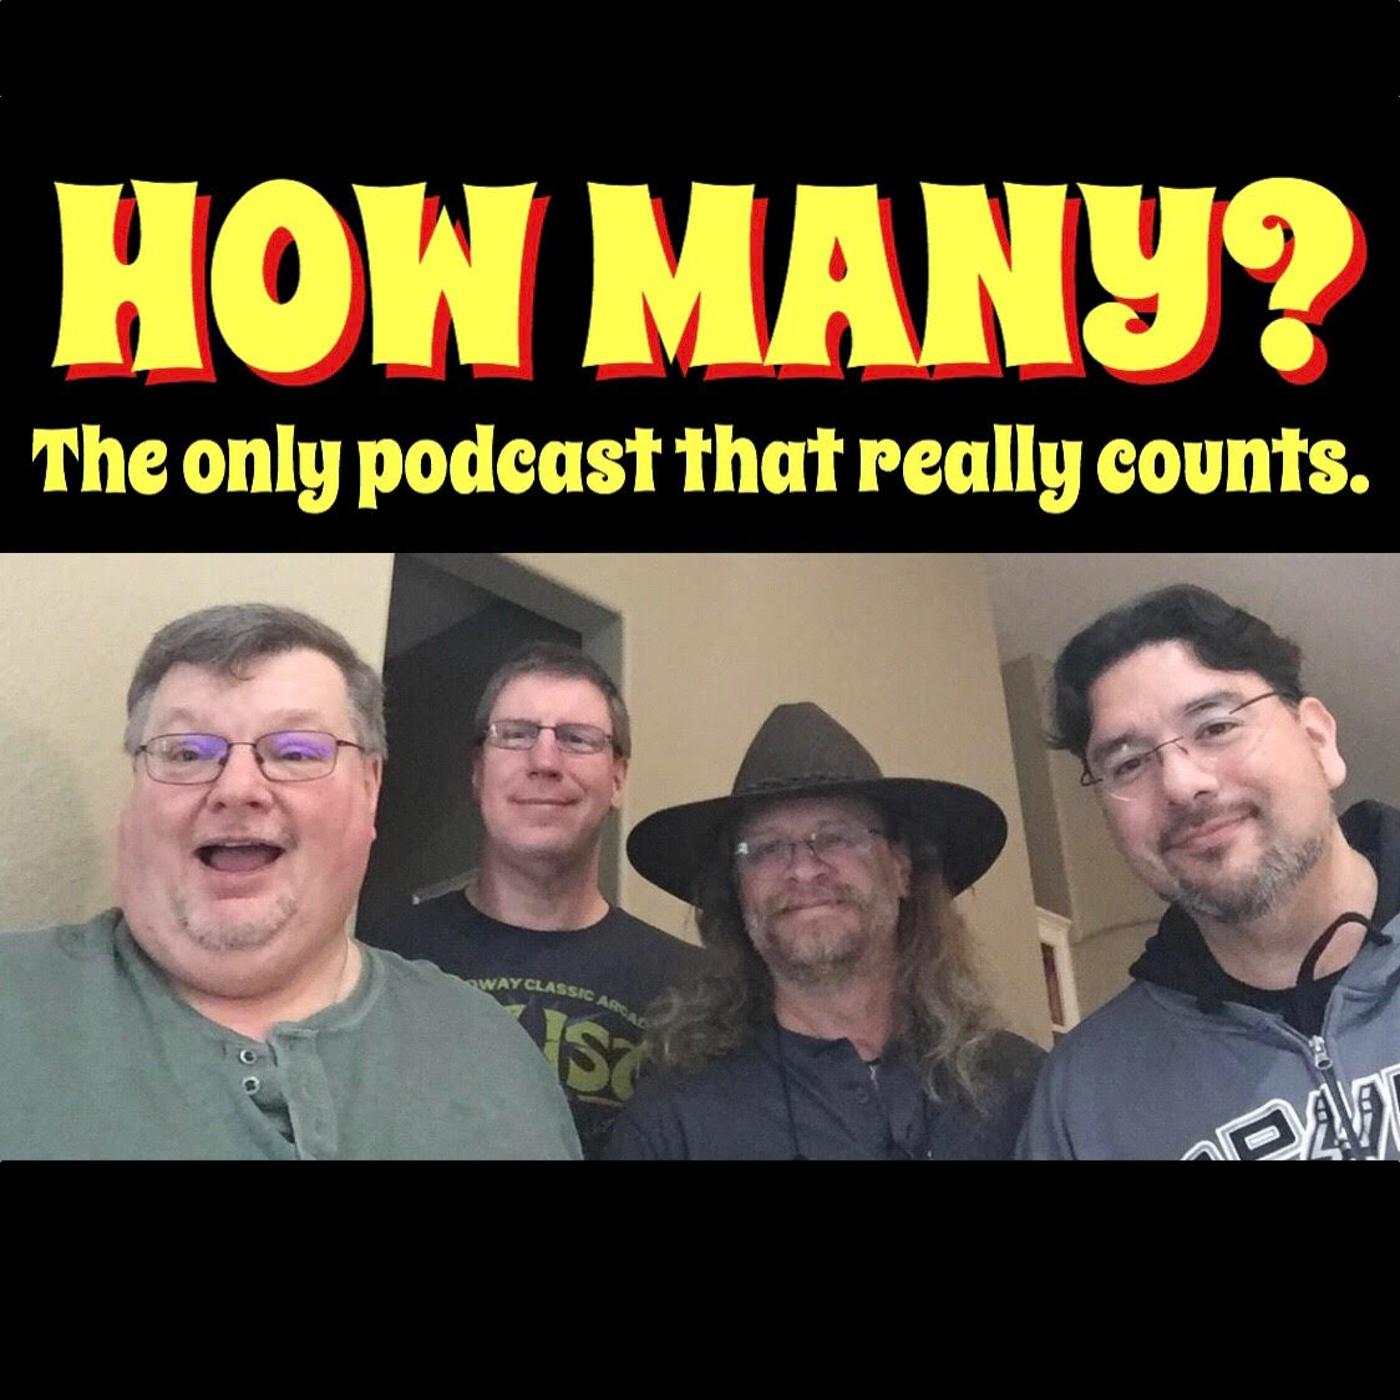 How Many Podcast  logo